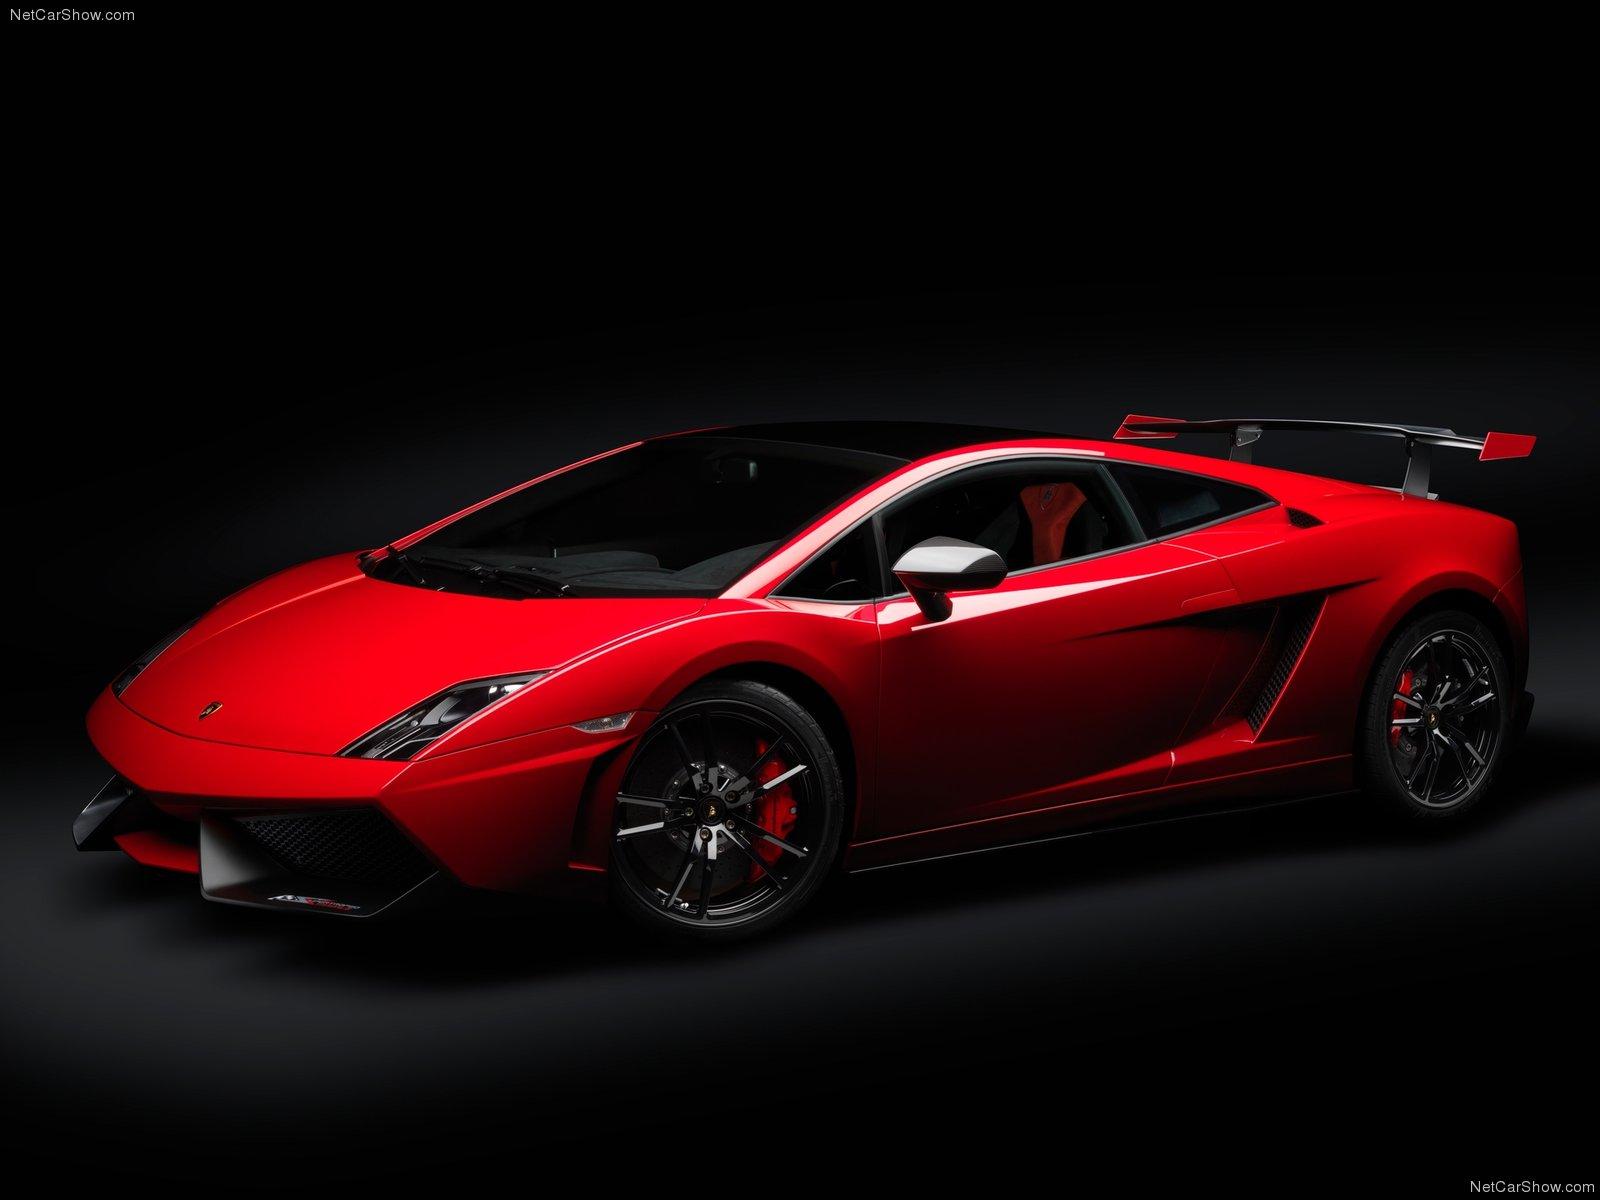 http://2.bp.blogspot.com/-xthoiFMdDgs/TrOX3H1PQyI/AAAAAAAAApY/QJmMij7NZCo/s1600/Lamborghini-Gallardo_LP570-4_Super_Trofeo_Stradale_2012_1600x1200_wallpaper_02.jpg